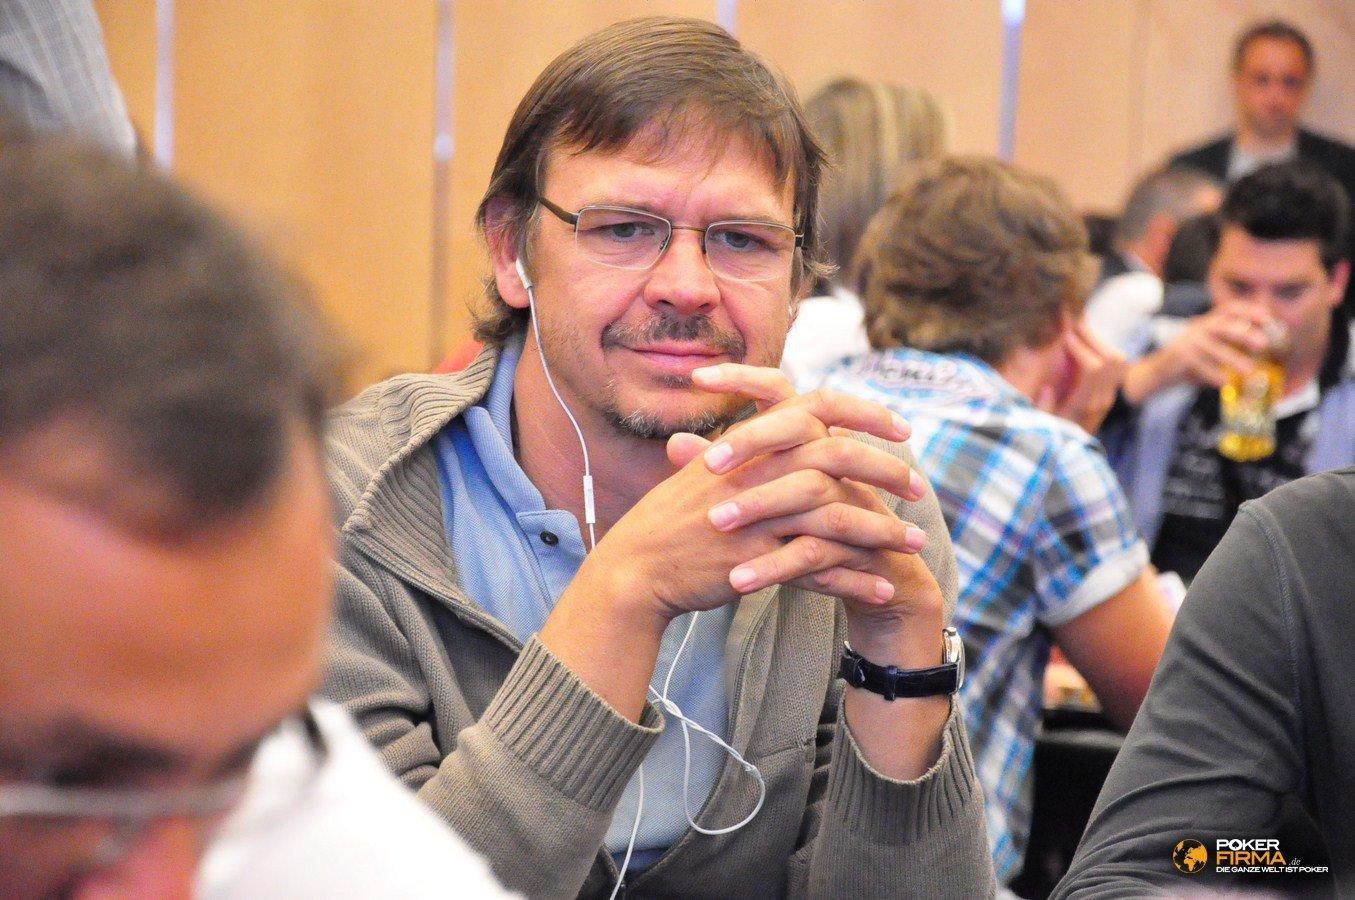 Peter_Muehlbek.JPG